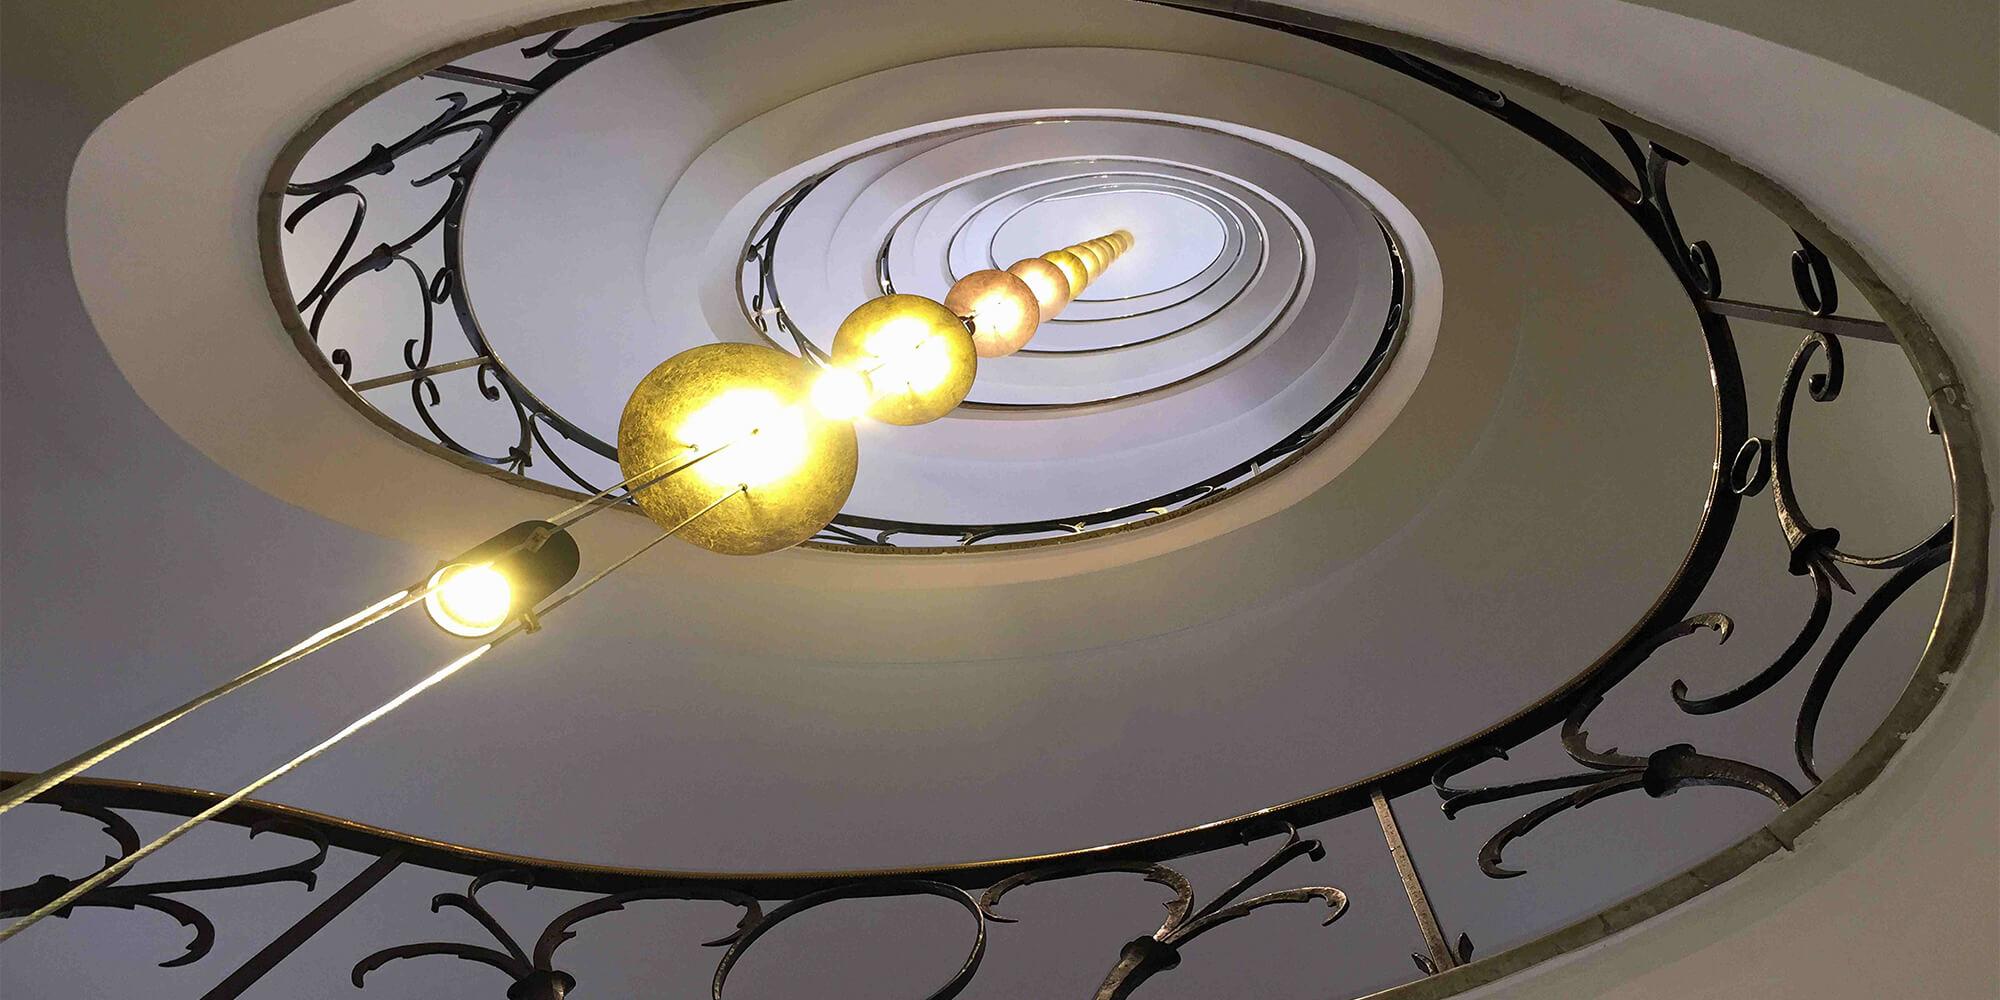 Eindrucksvolle Lampen schmücken Treppenhausarchitektur, die in der Zahnarztpraxis ZBB in Baden-Baden ausgestellt wird.